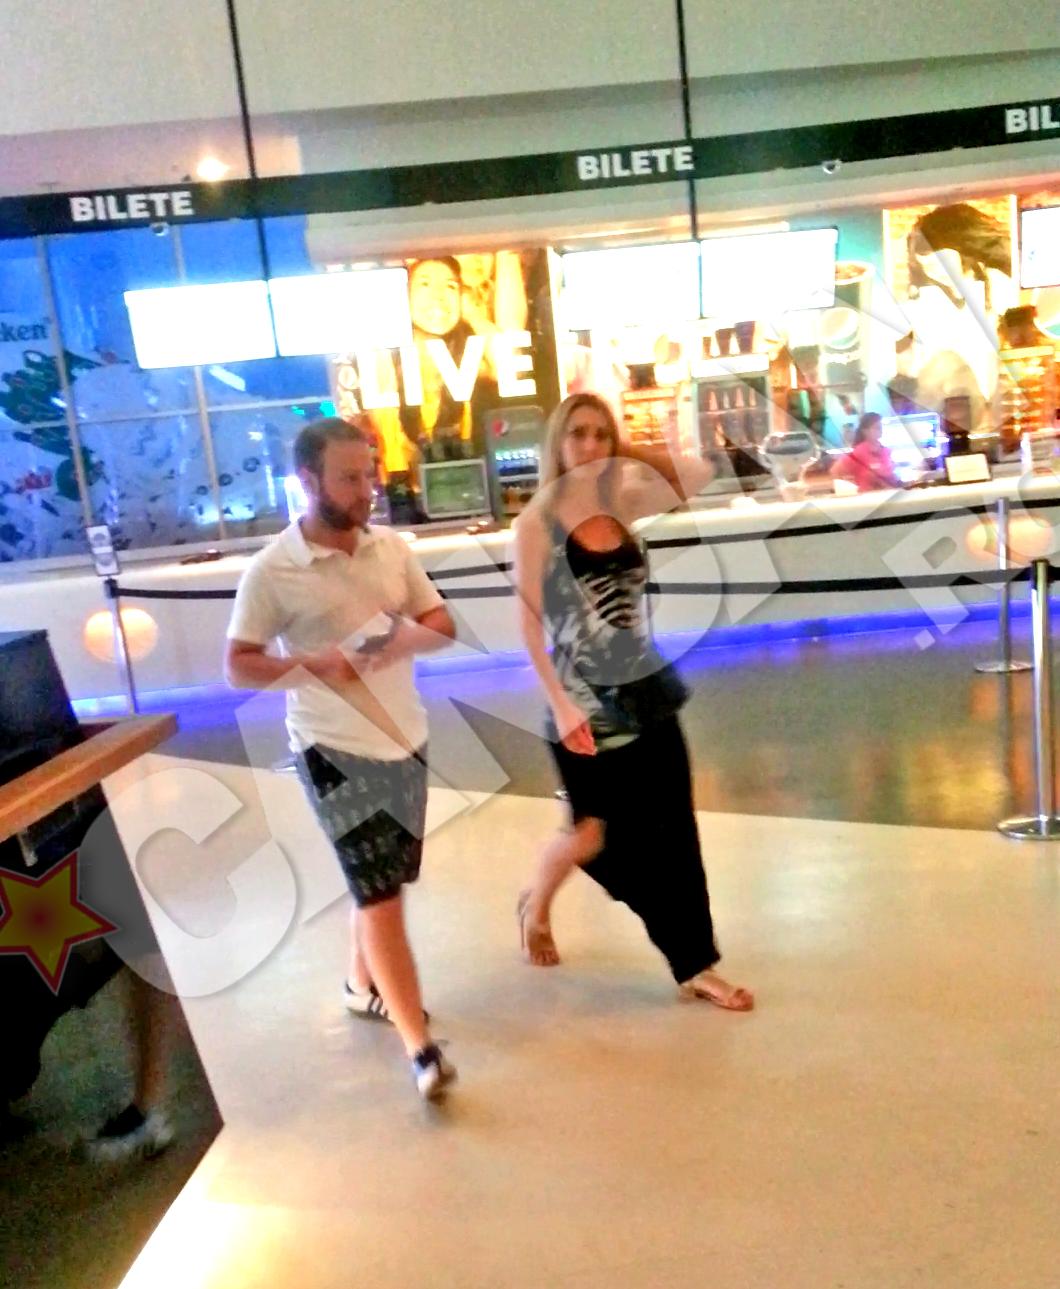 Tanarul cuplu a iesit la un film, in mall